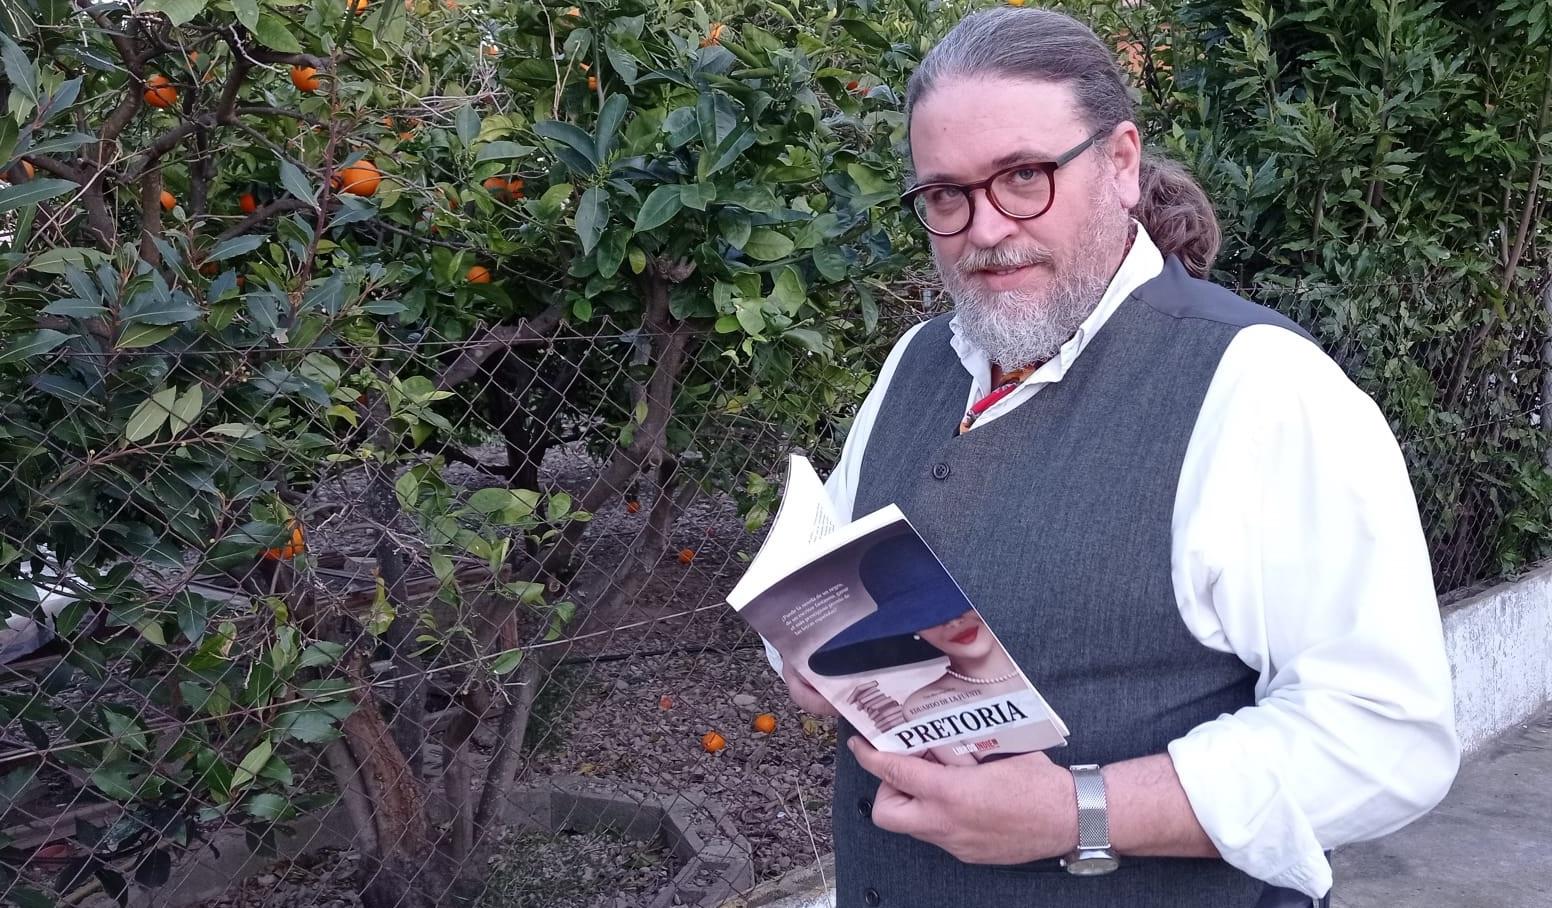 """Conoce a Eduardo de la Fuente, periodista y escritor palmesano, autor de la novela """"Pretoria"""""""